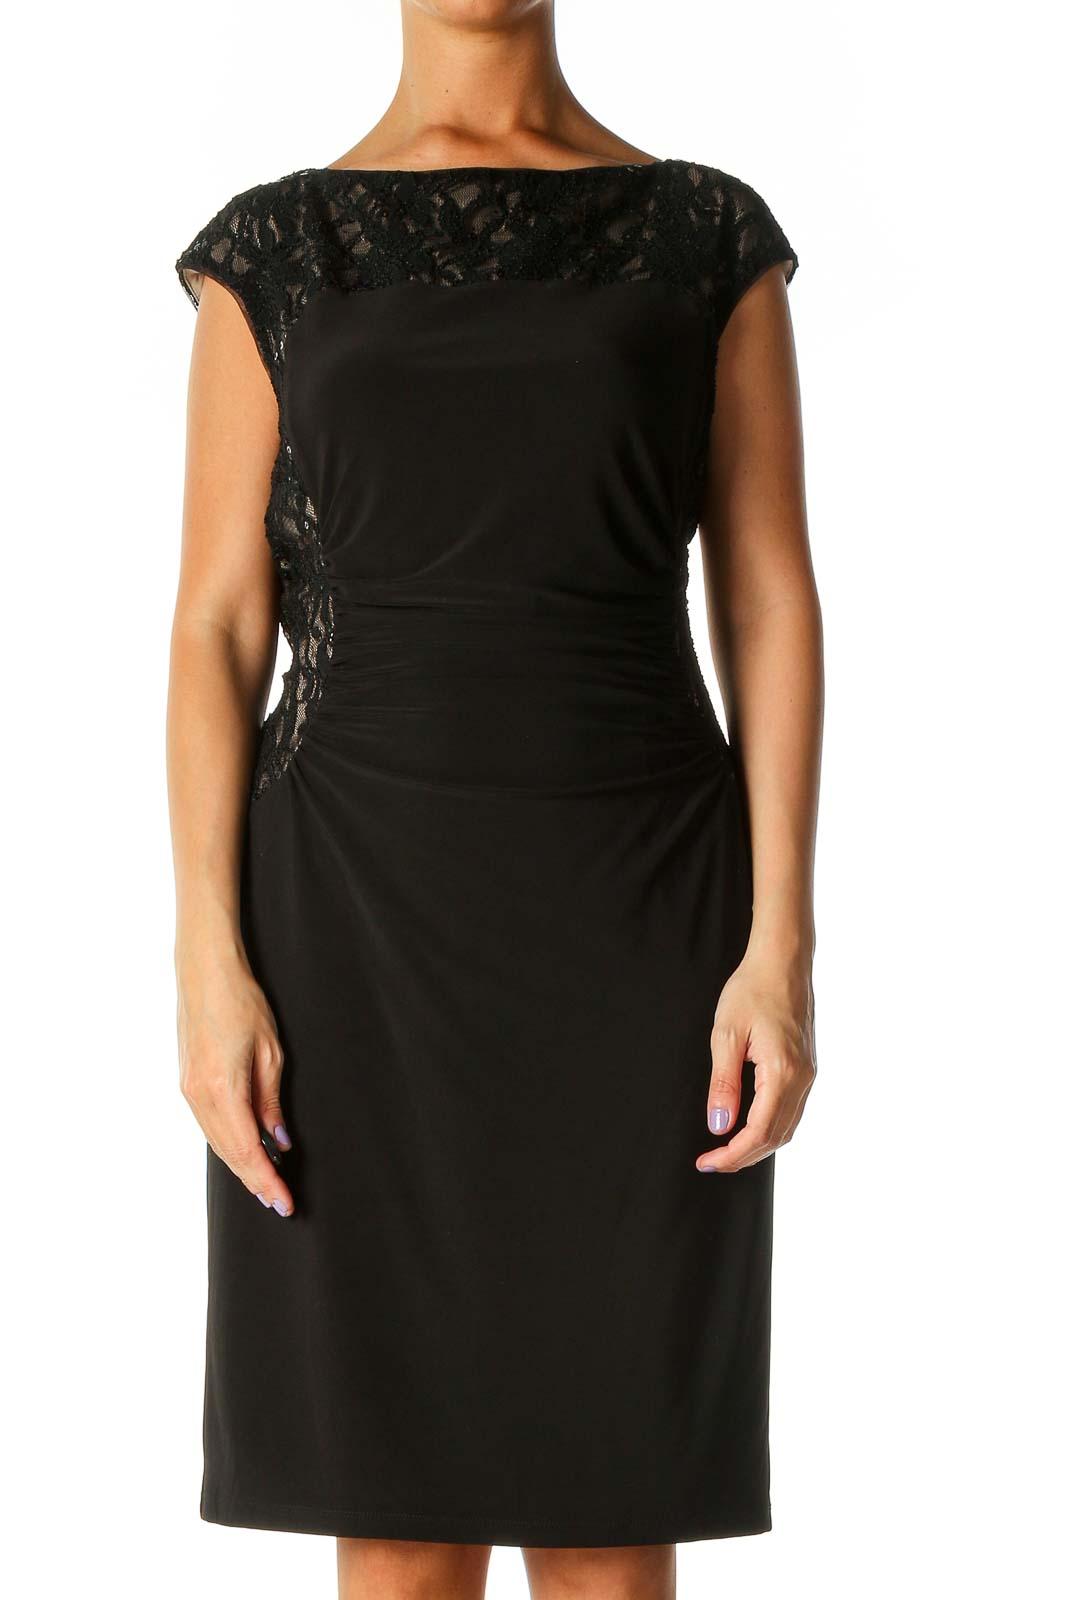 Black Lace Retro A-Line Dress Front